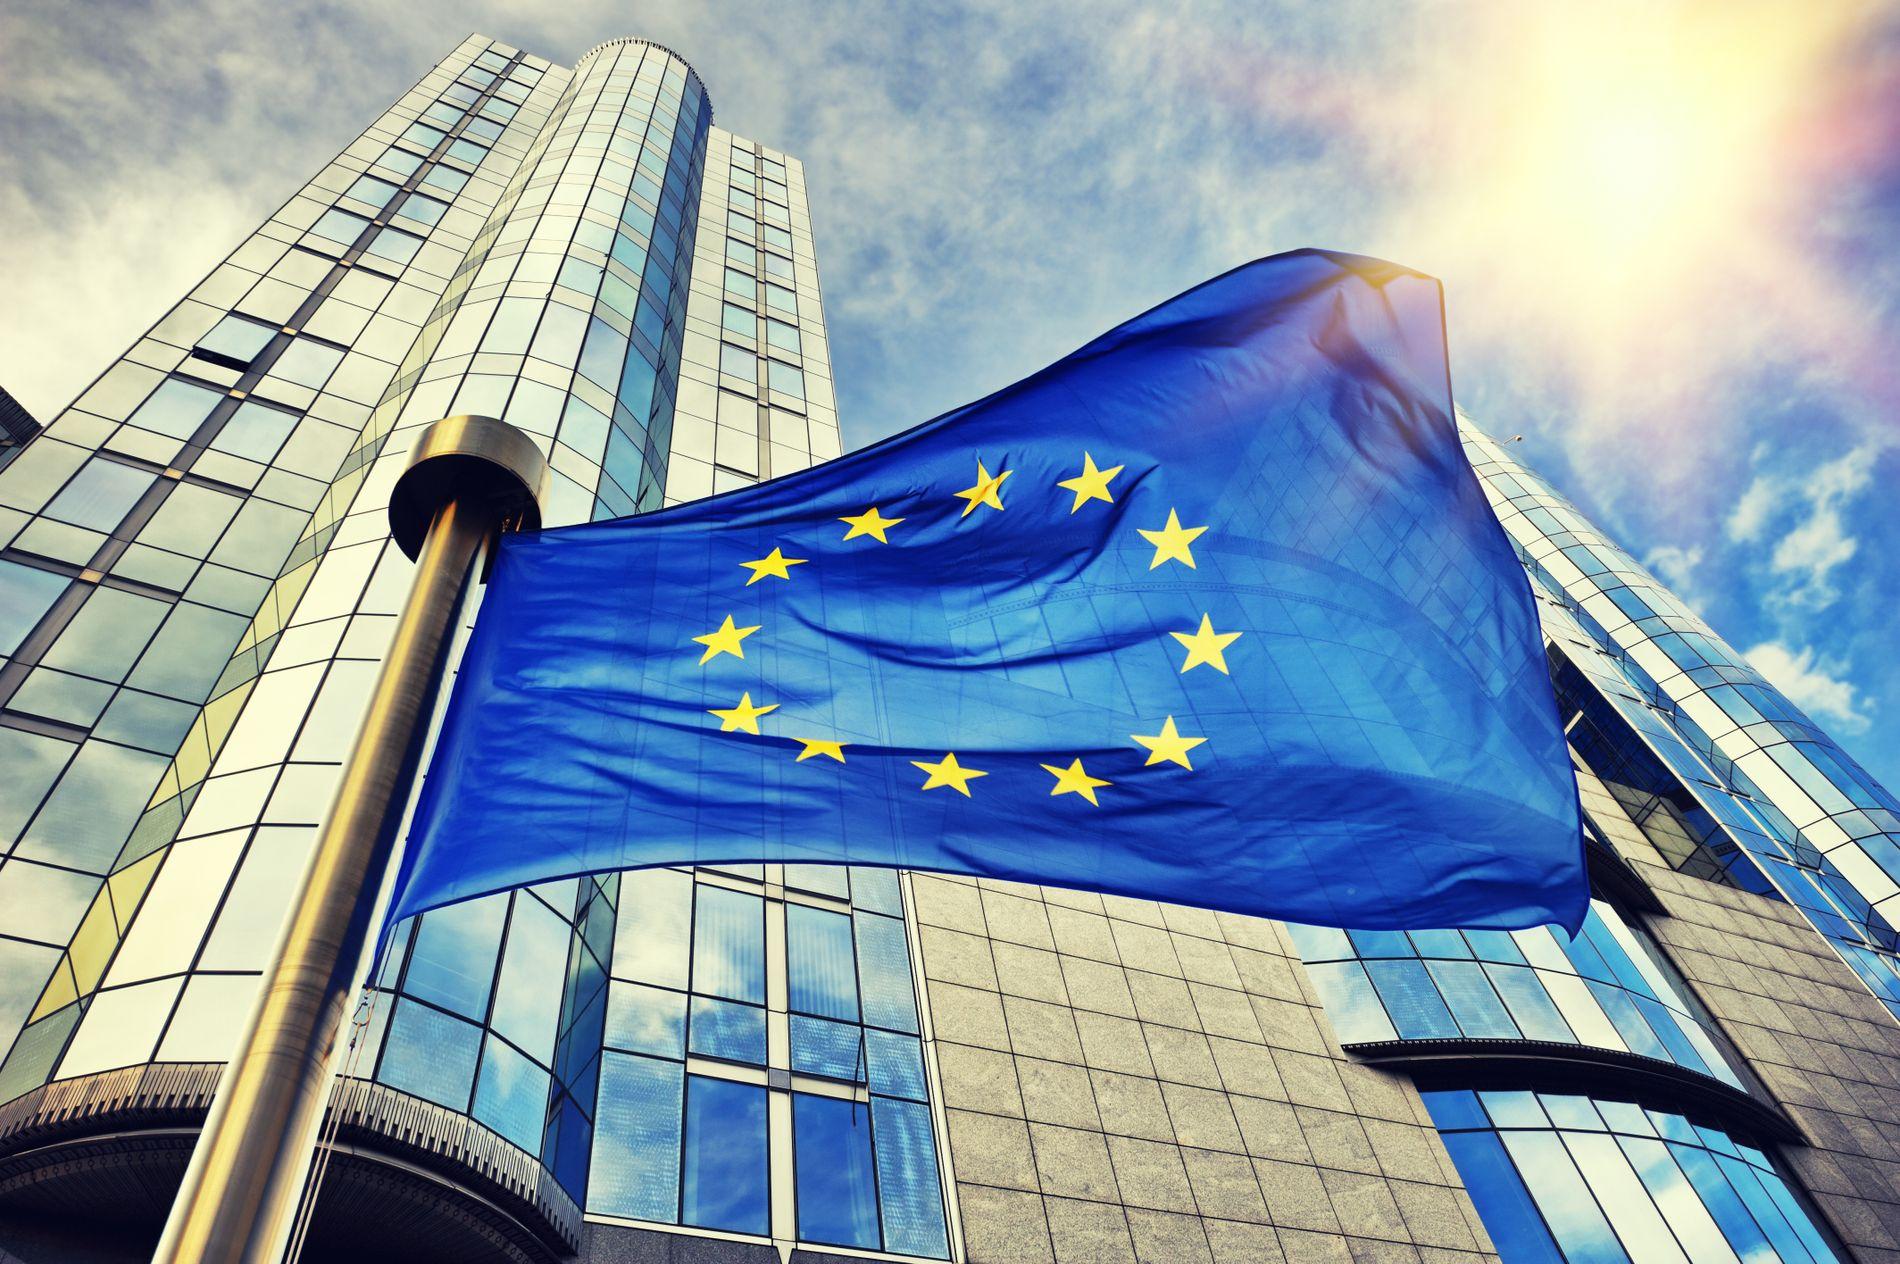 STØRRE FORSKJELLER: EØS-avtalen har ført til økt ulikhet i landet vårt, skriver innsenderne. Her vaier EU-flagget utenfor Europaparlamentet i Brussel.